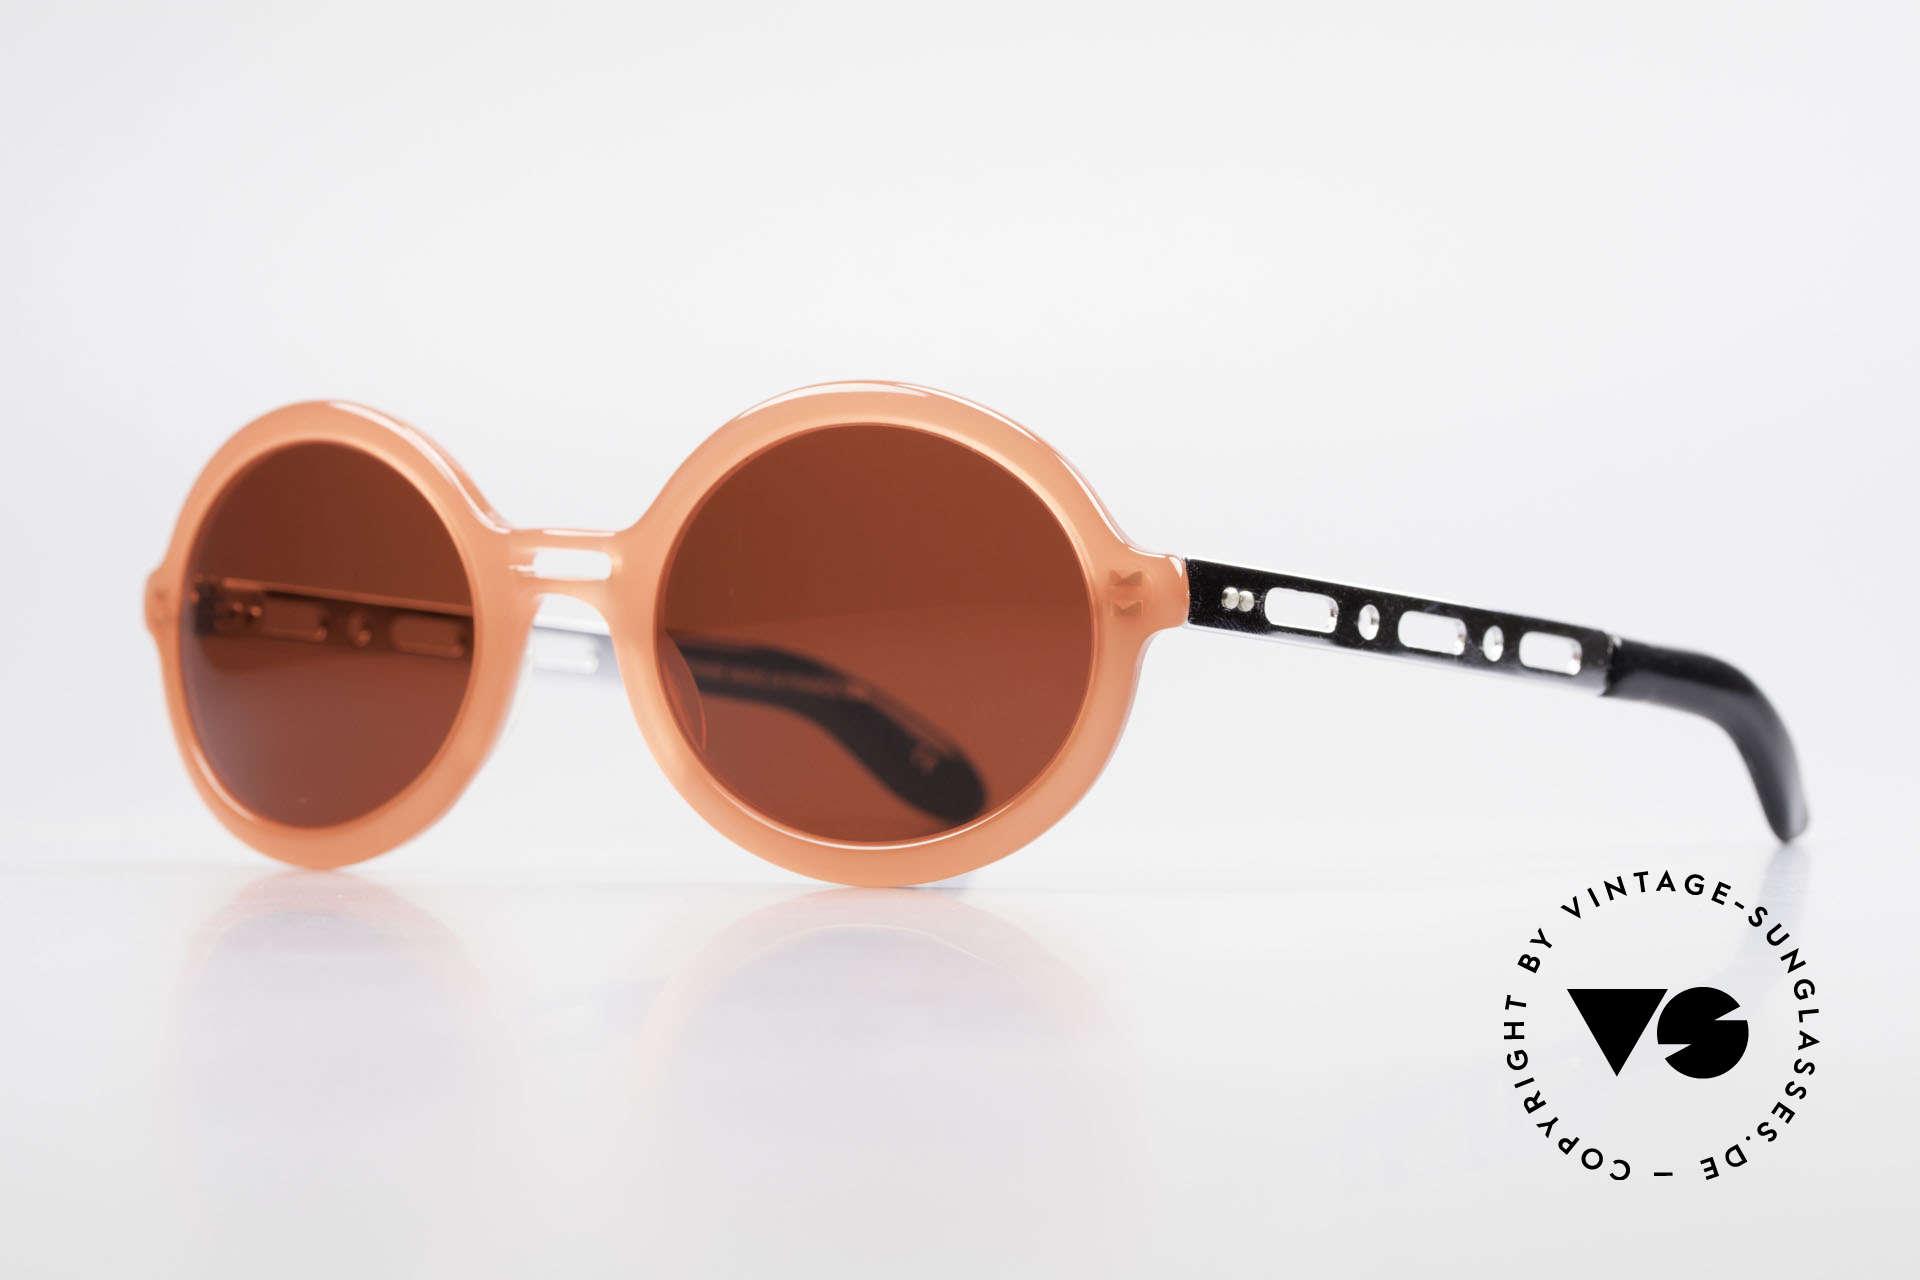 IDC I067 Spassbrille Steampunk 90er, die knalligen Sonnengläser sind beliebig austauschbar, Passend für Damen